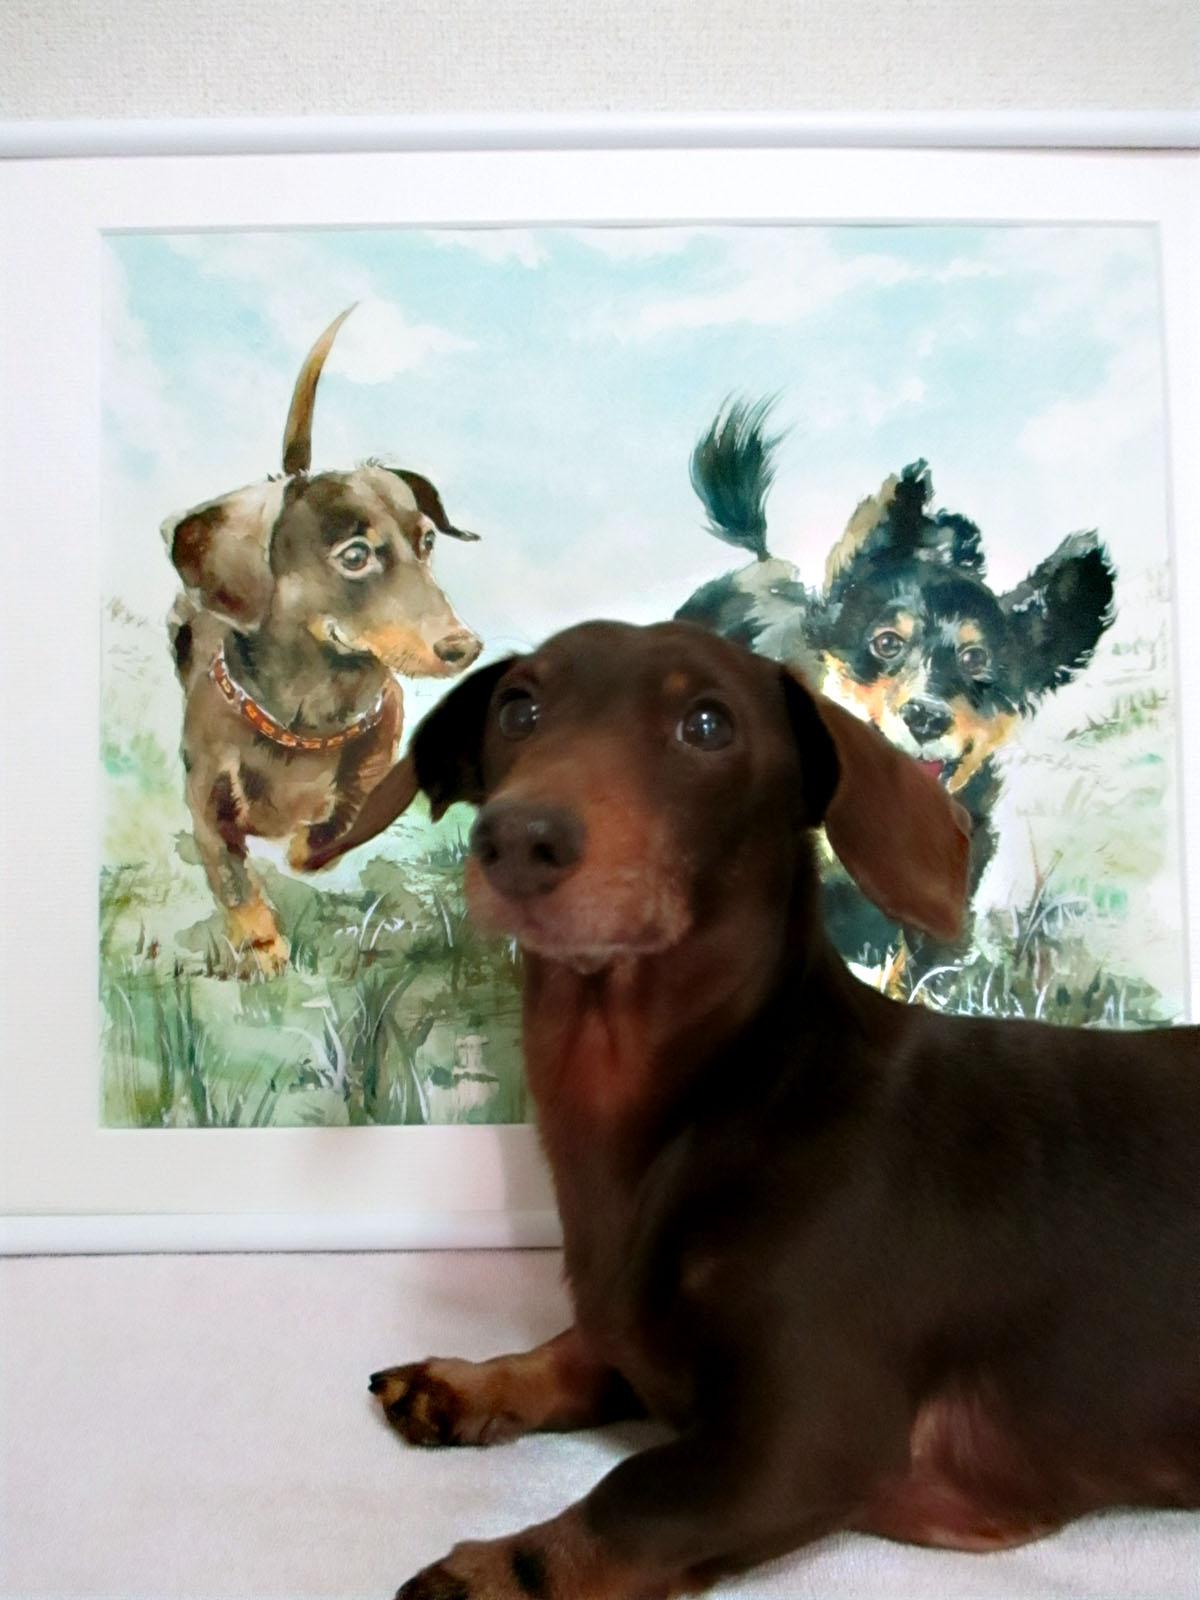 アポロパパが描く愛犬の水彩画オーダーメイドご注文受付中です♪